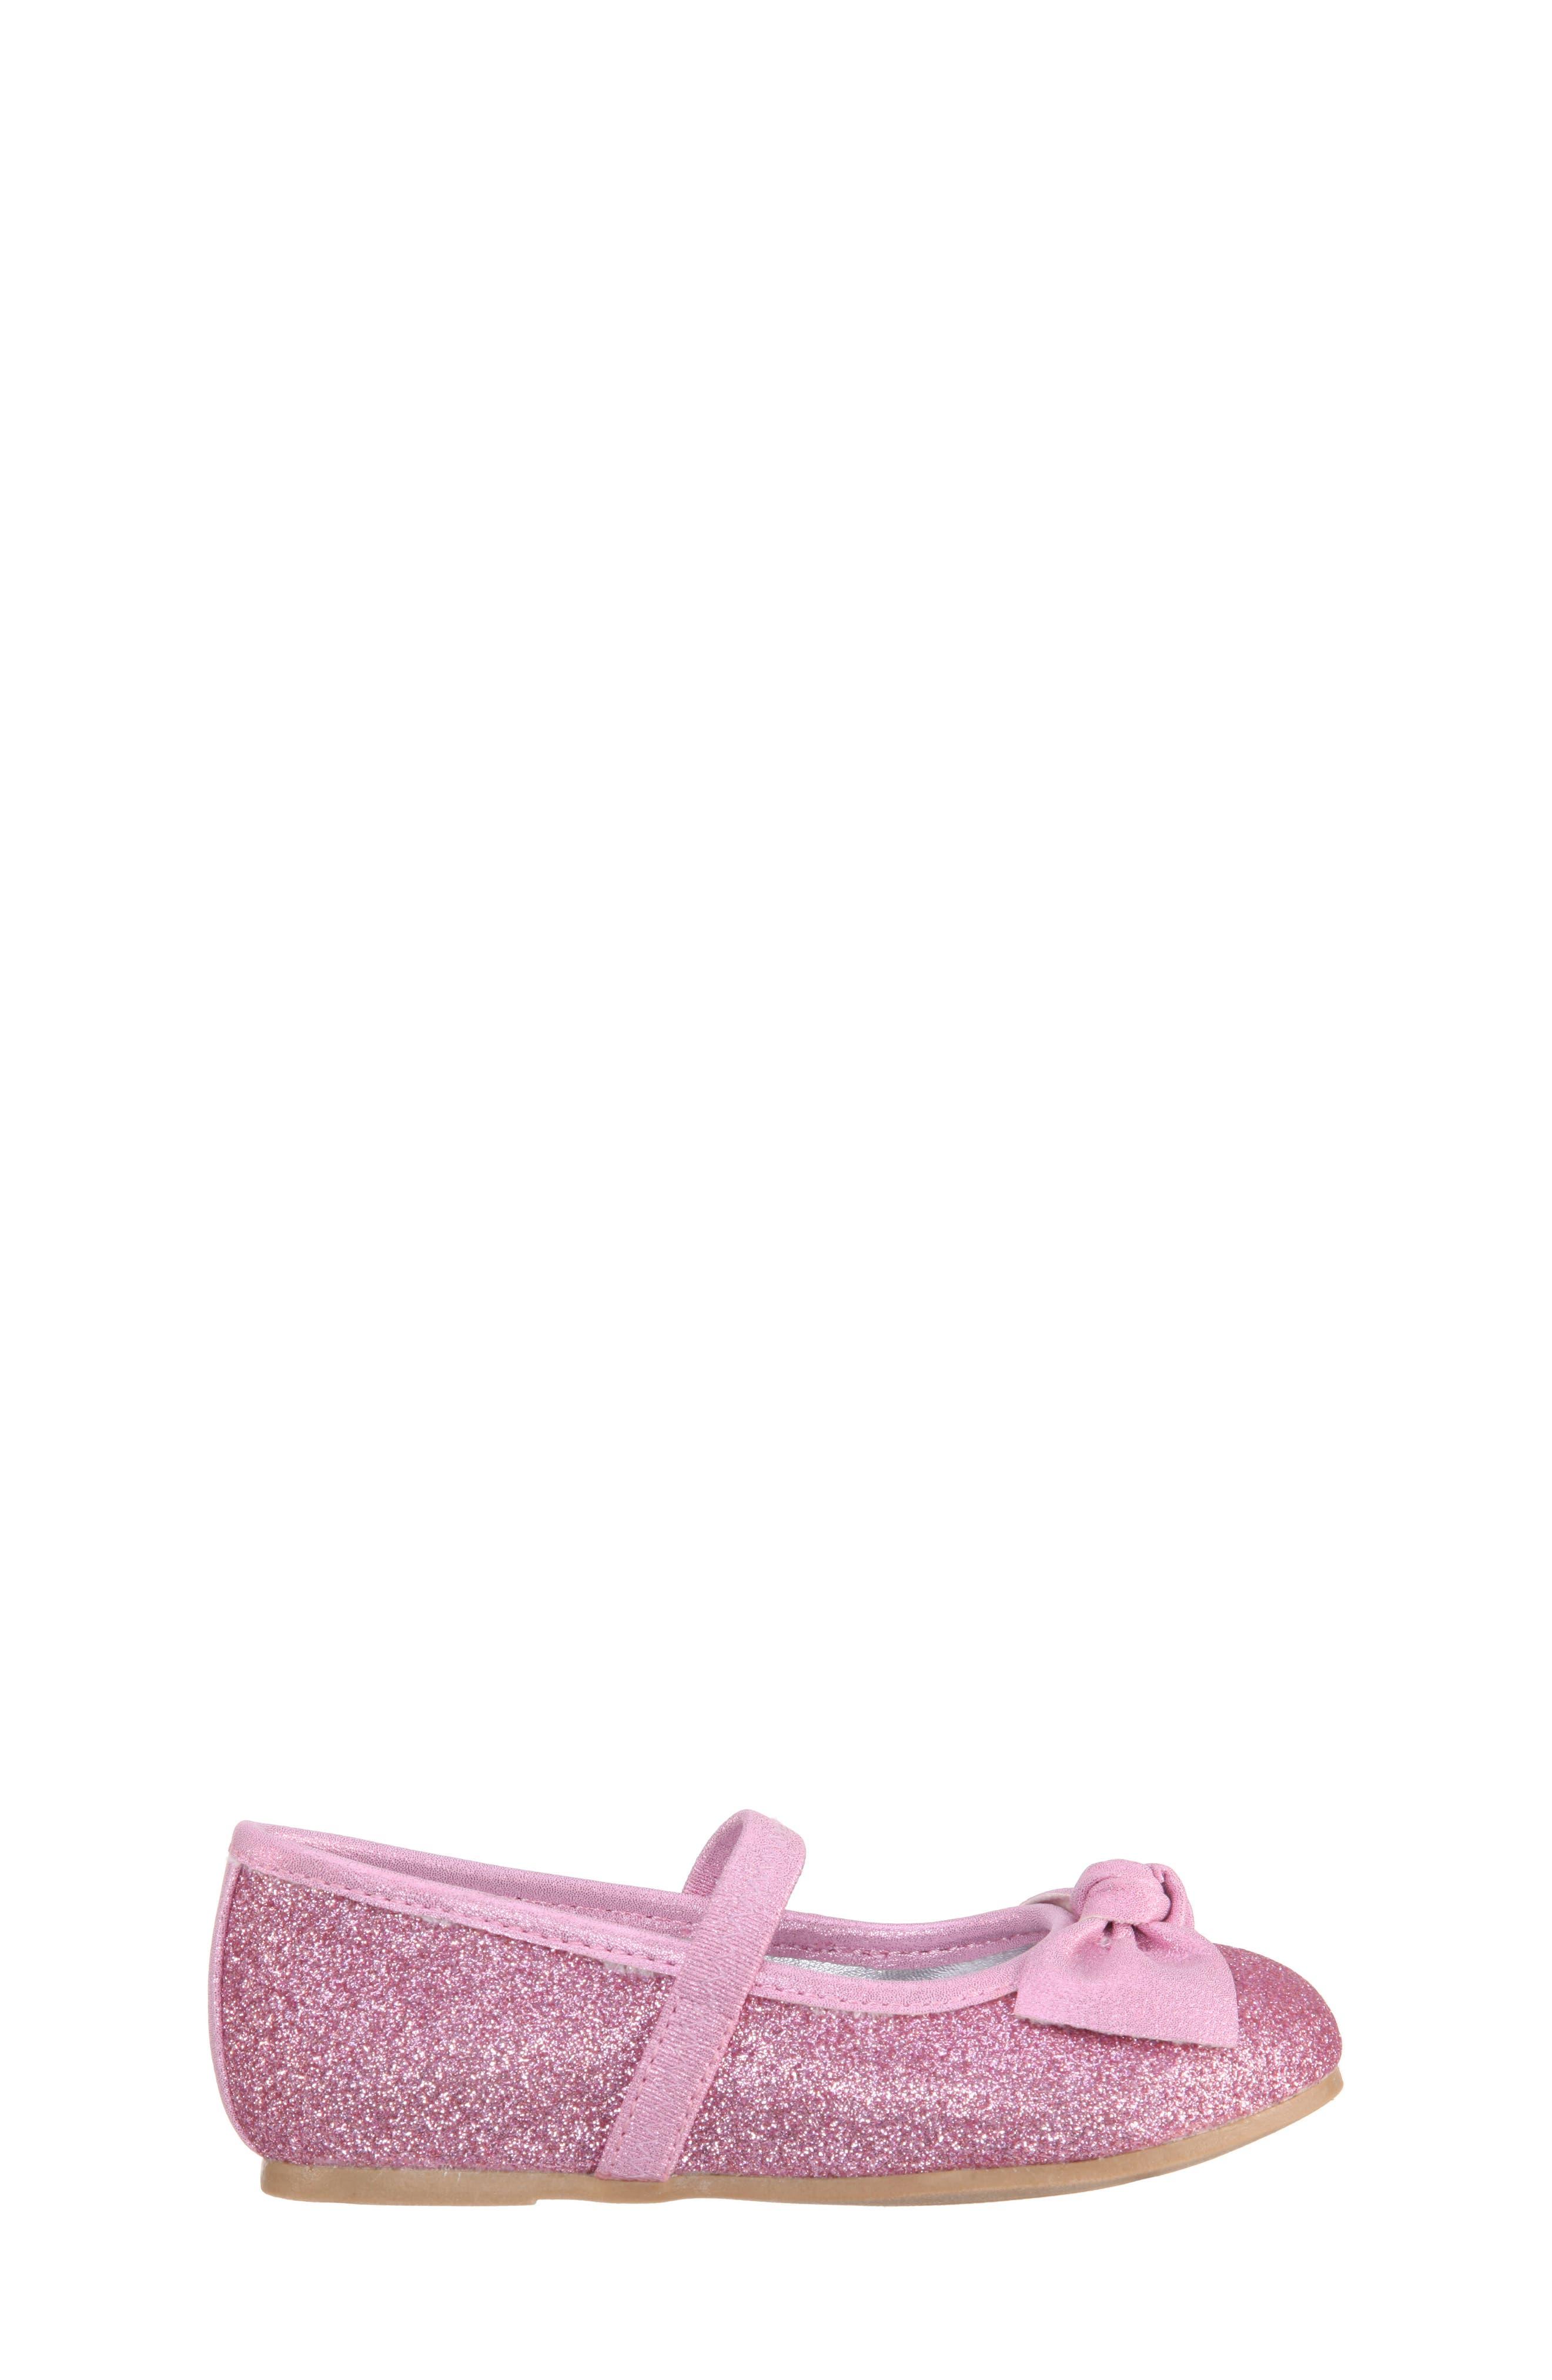 Larabeth-T Glitter Bow Ballet Flat,                             Alternate thumbnail 3, color,                             Light Pink Metallic/ Glitter